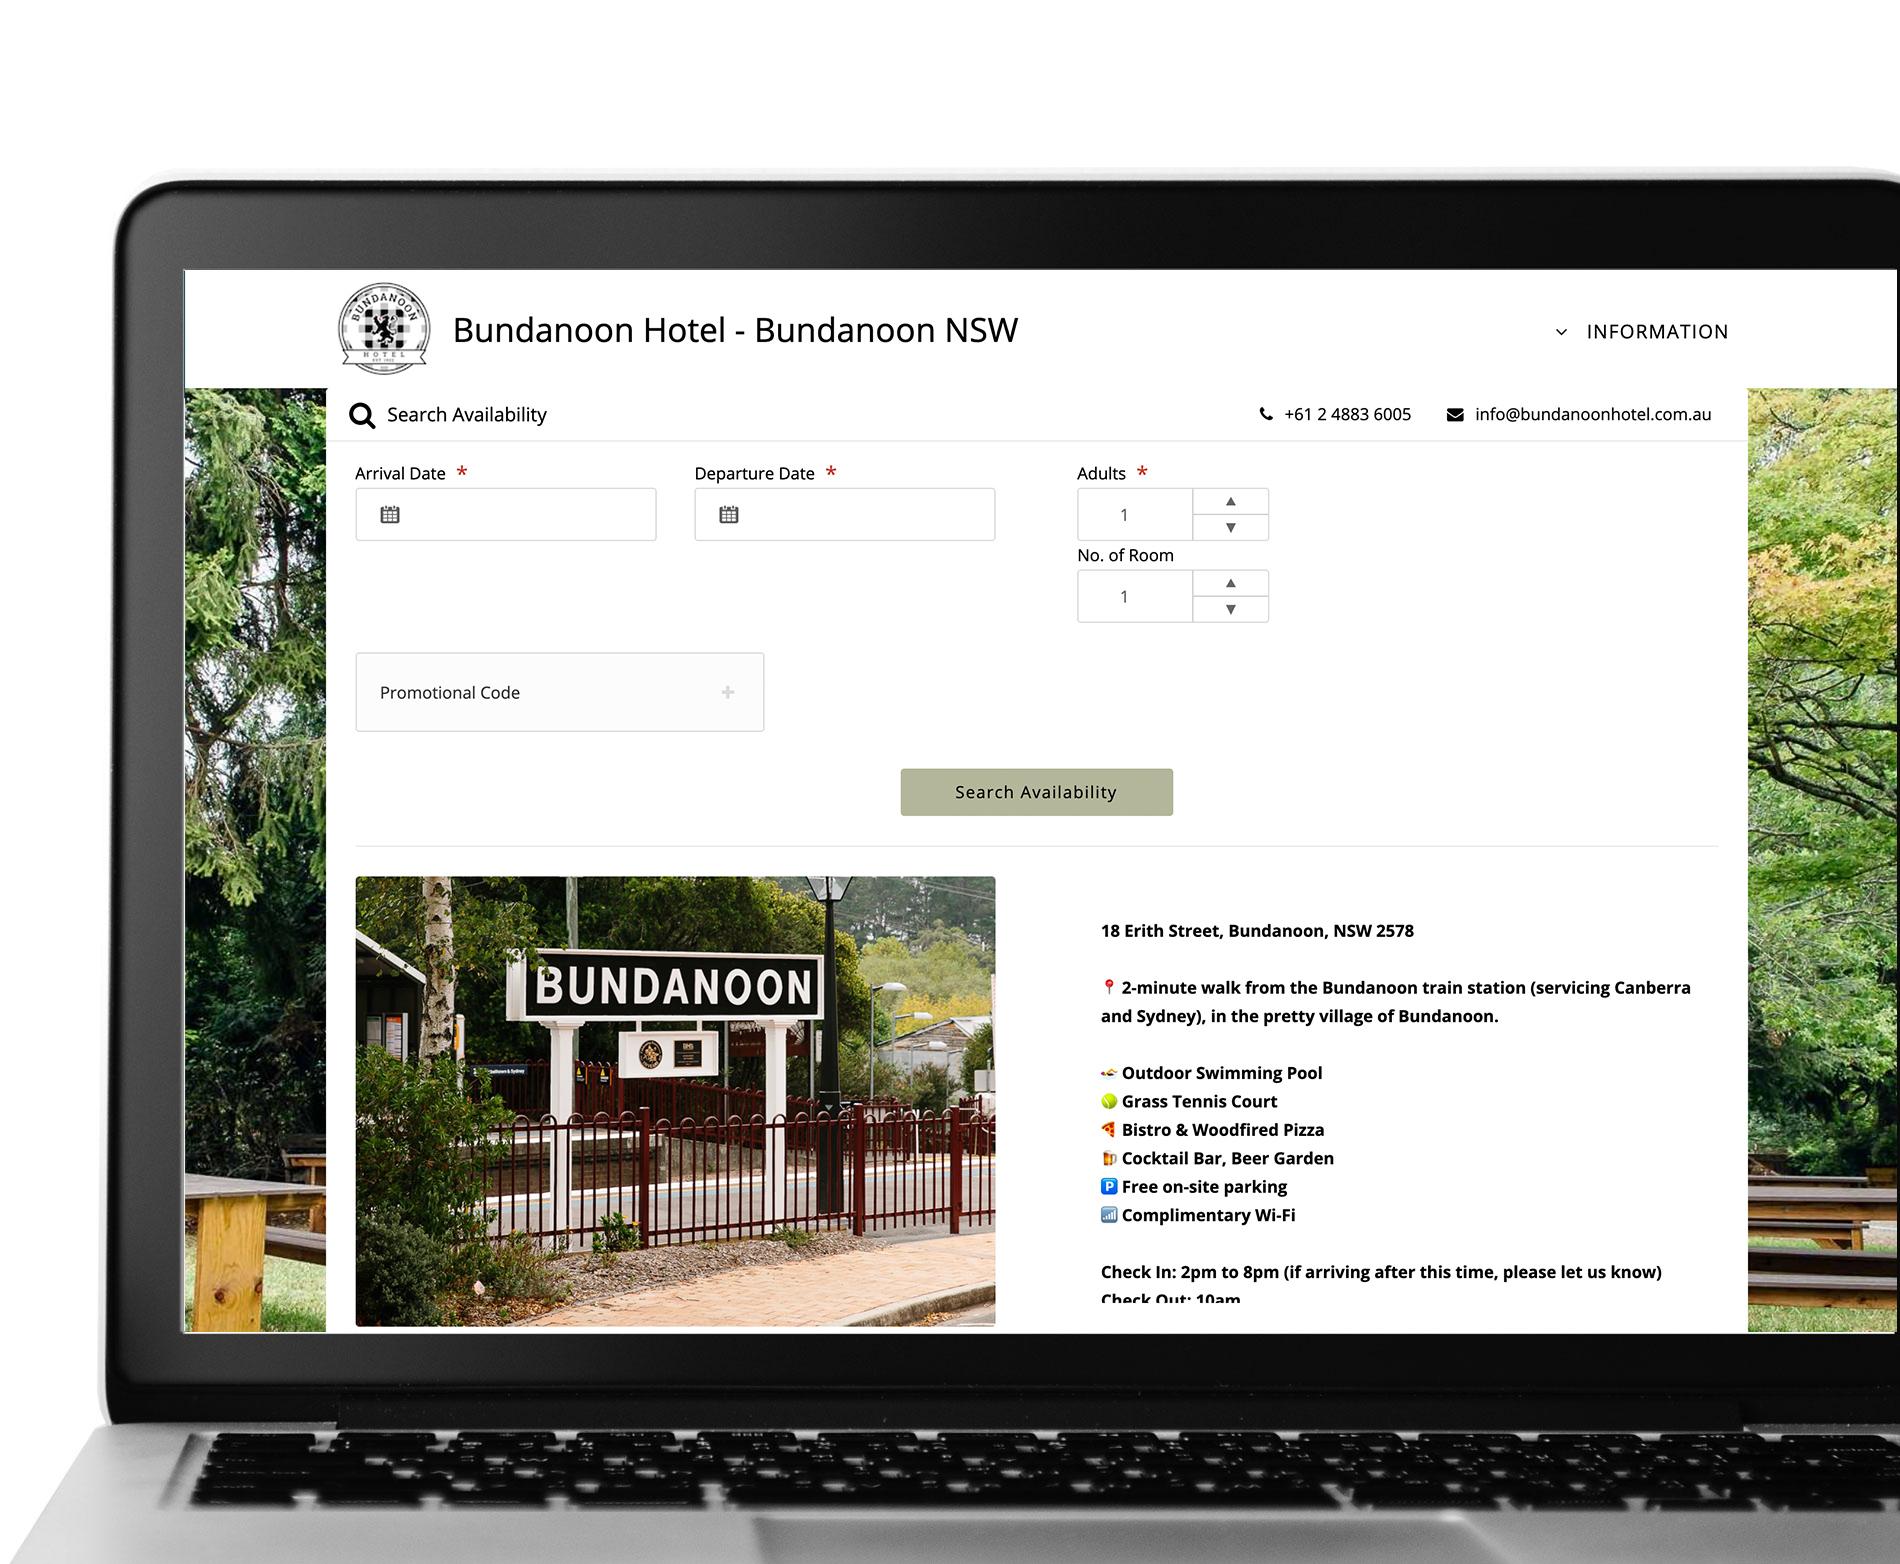 Hotel-reservation-system